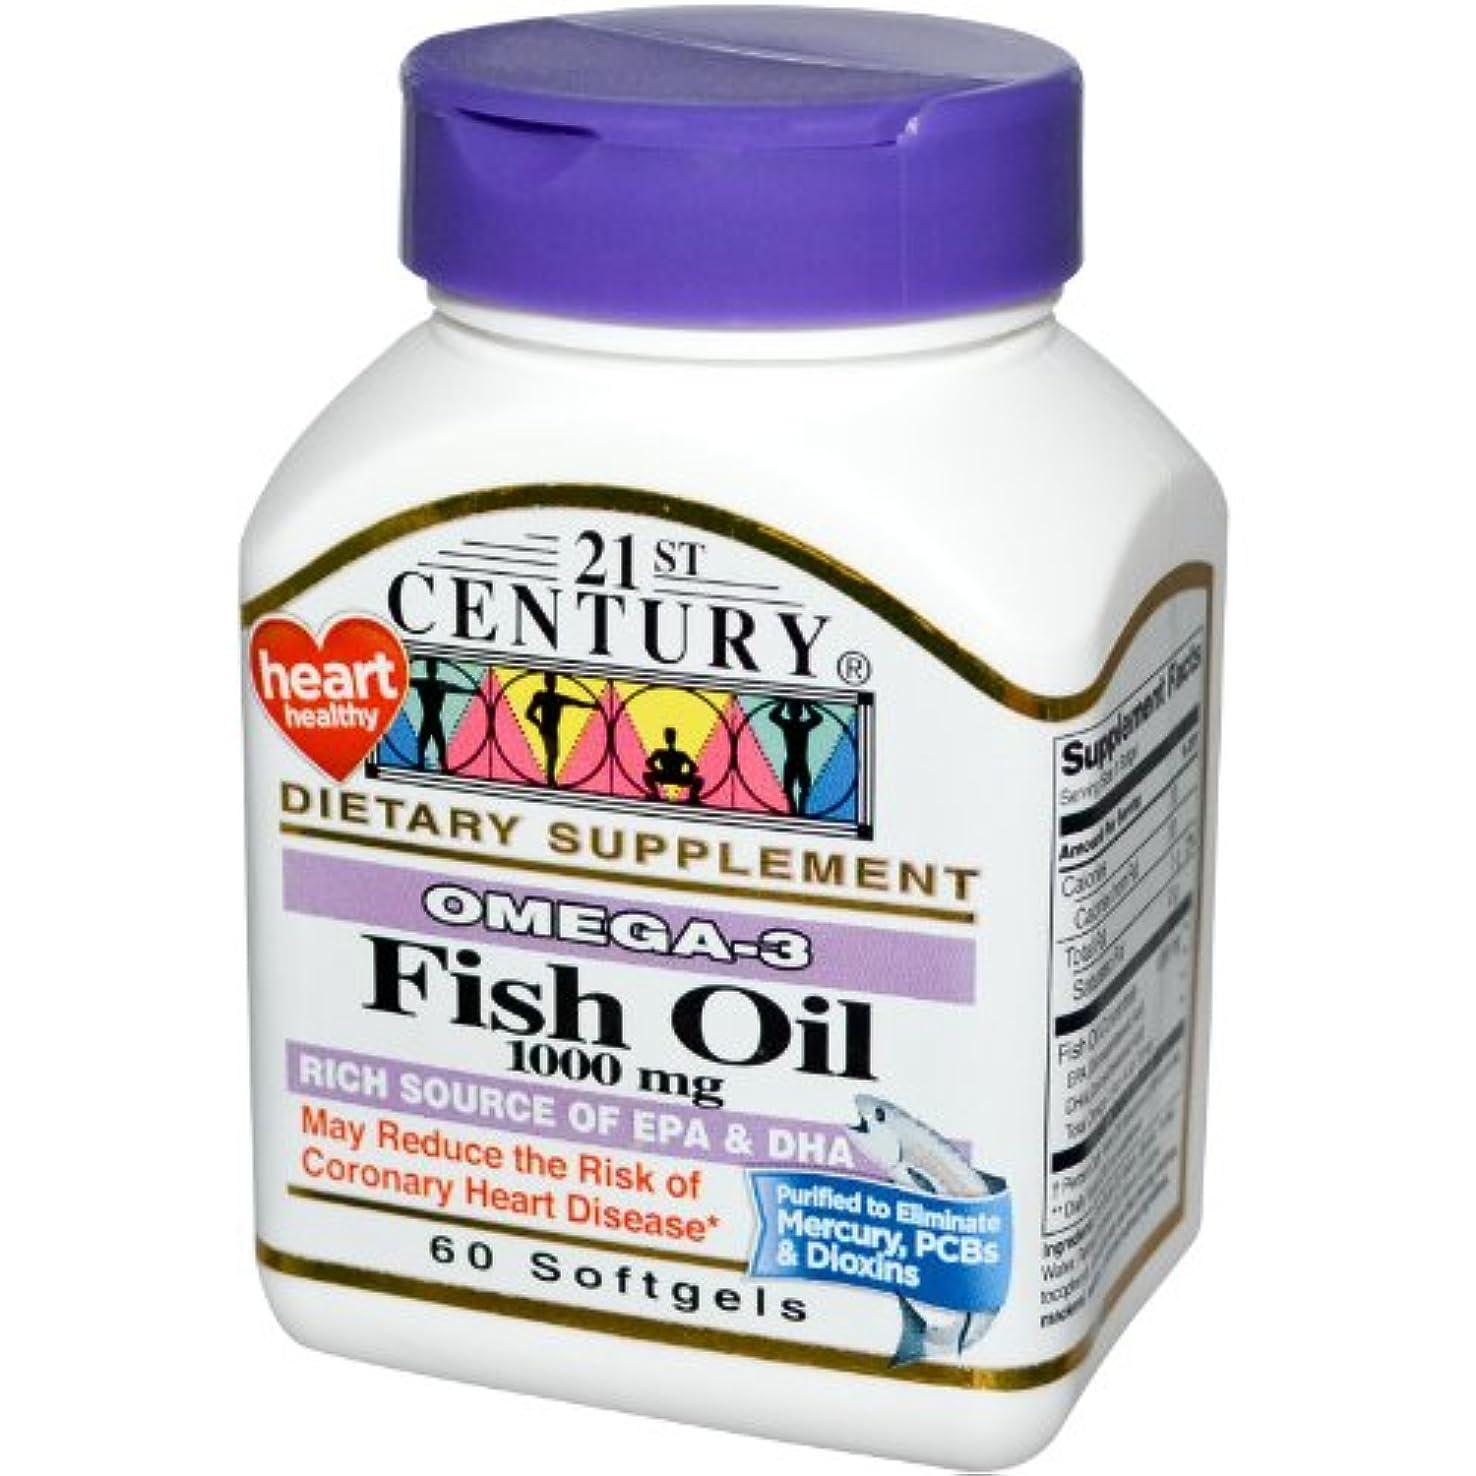 生きるマスク裁判官21st Century Health Care, Fish Oil, 1000 mg, 60 Softgels